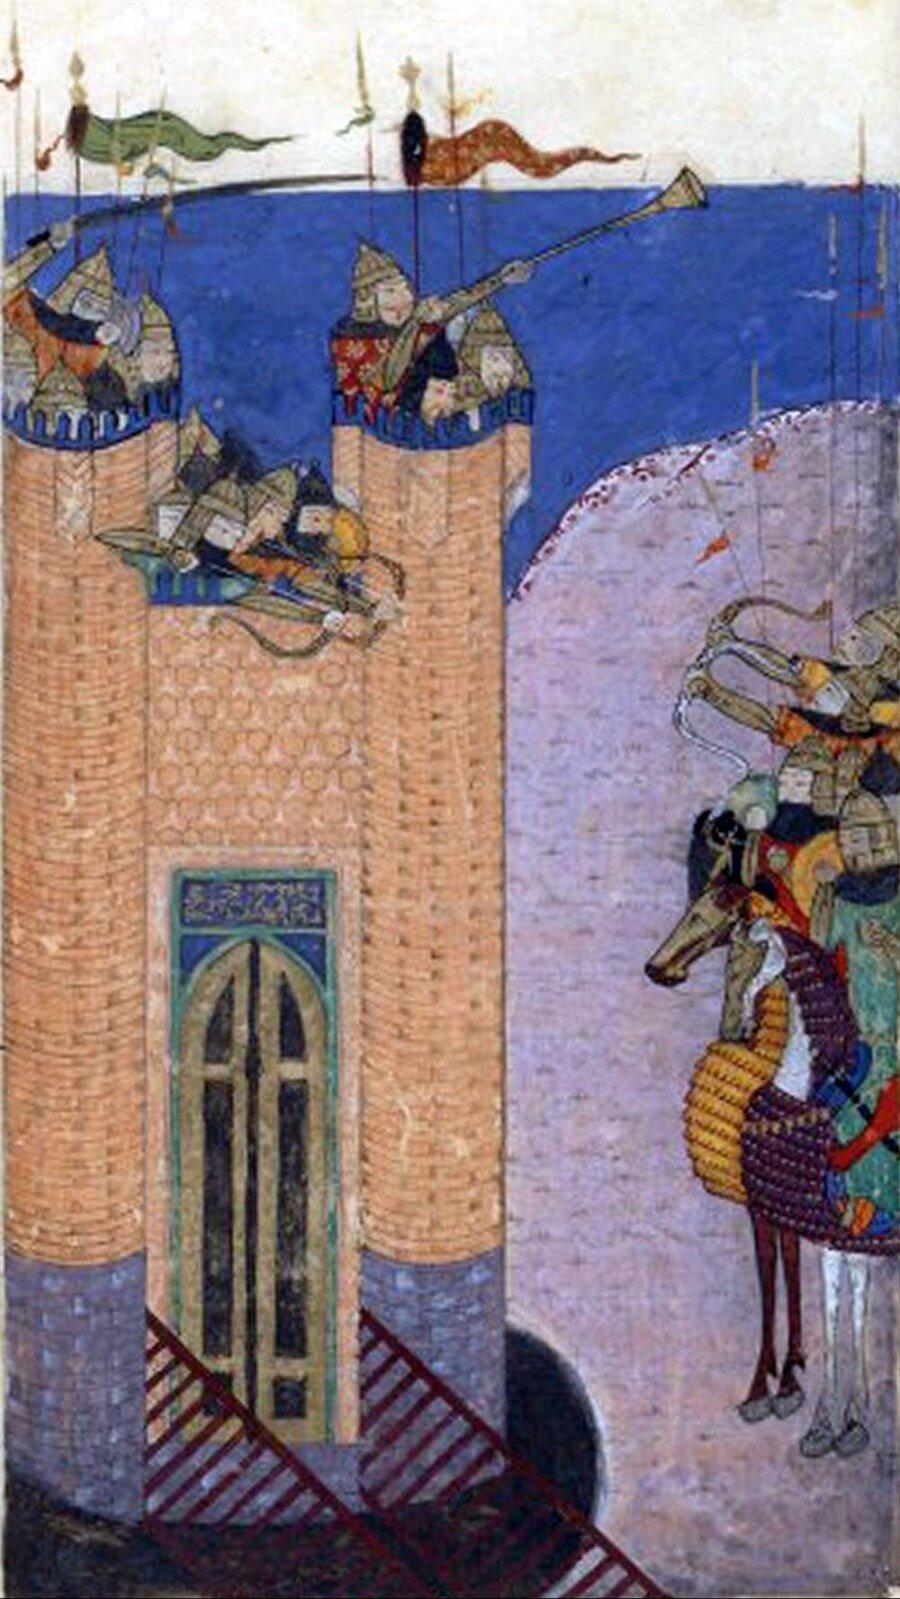 Alamut Kalesi'nin Hülâgû'nun ordusu tarafından ele geçirilişini gösteren bir minyatür.